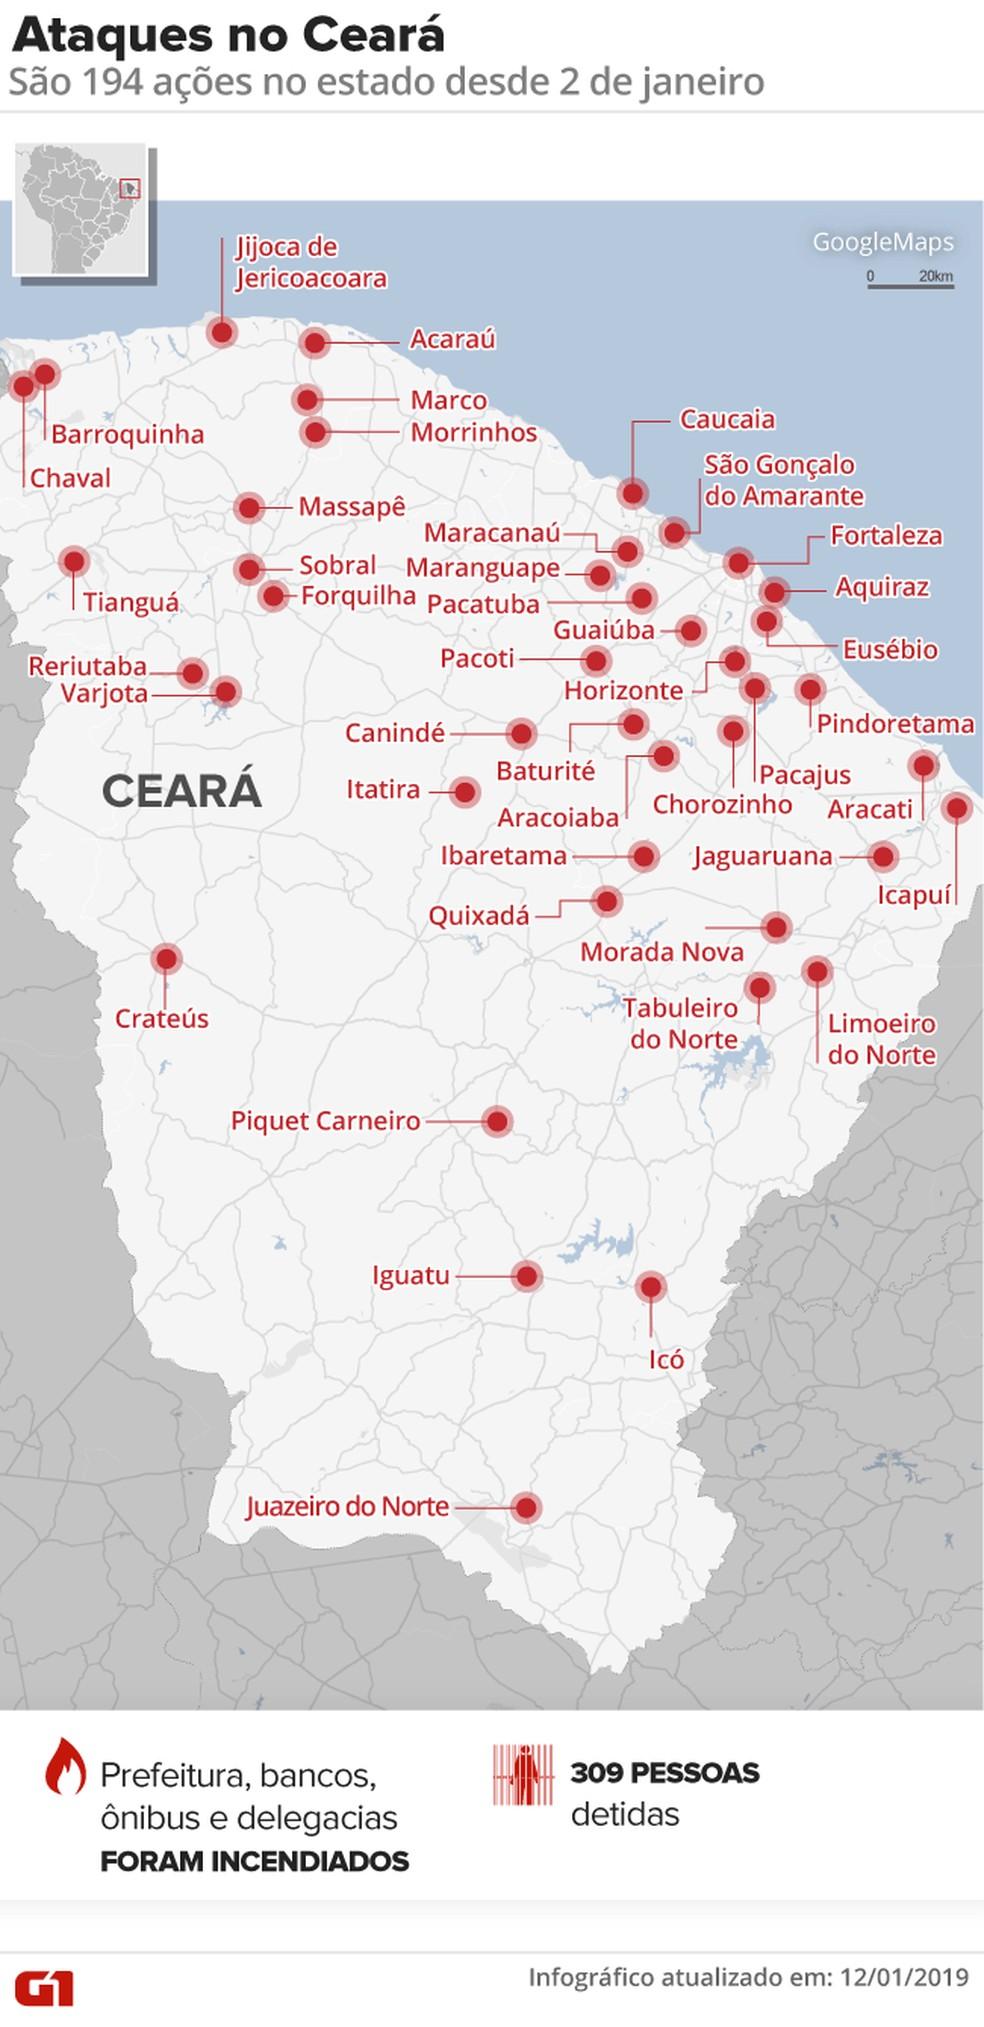 Desde o dia 2 de janeiro, foram registradas 194 ações criminosas em 43 municípios — Foto: Arte G1